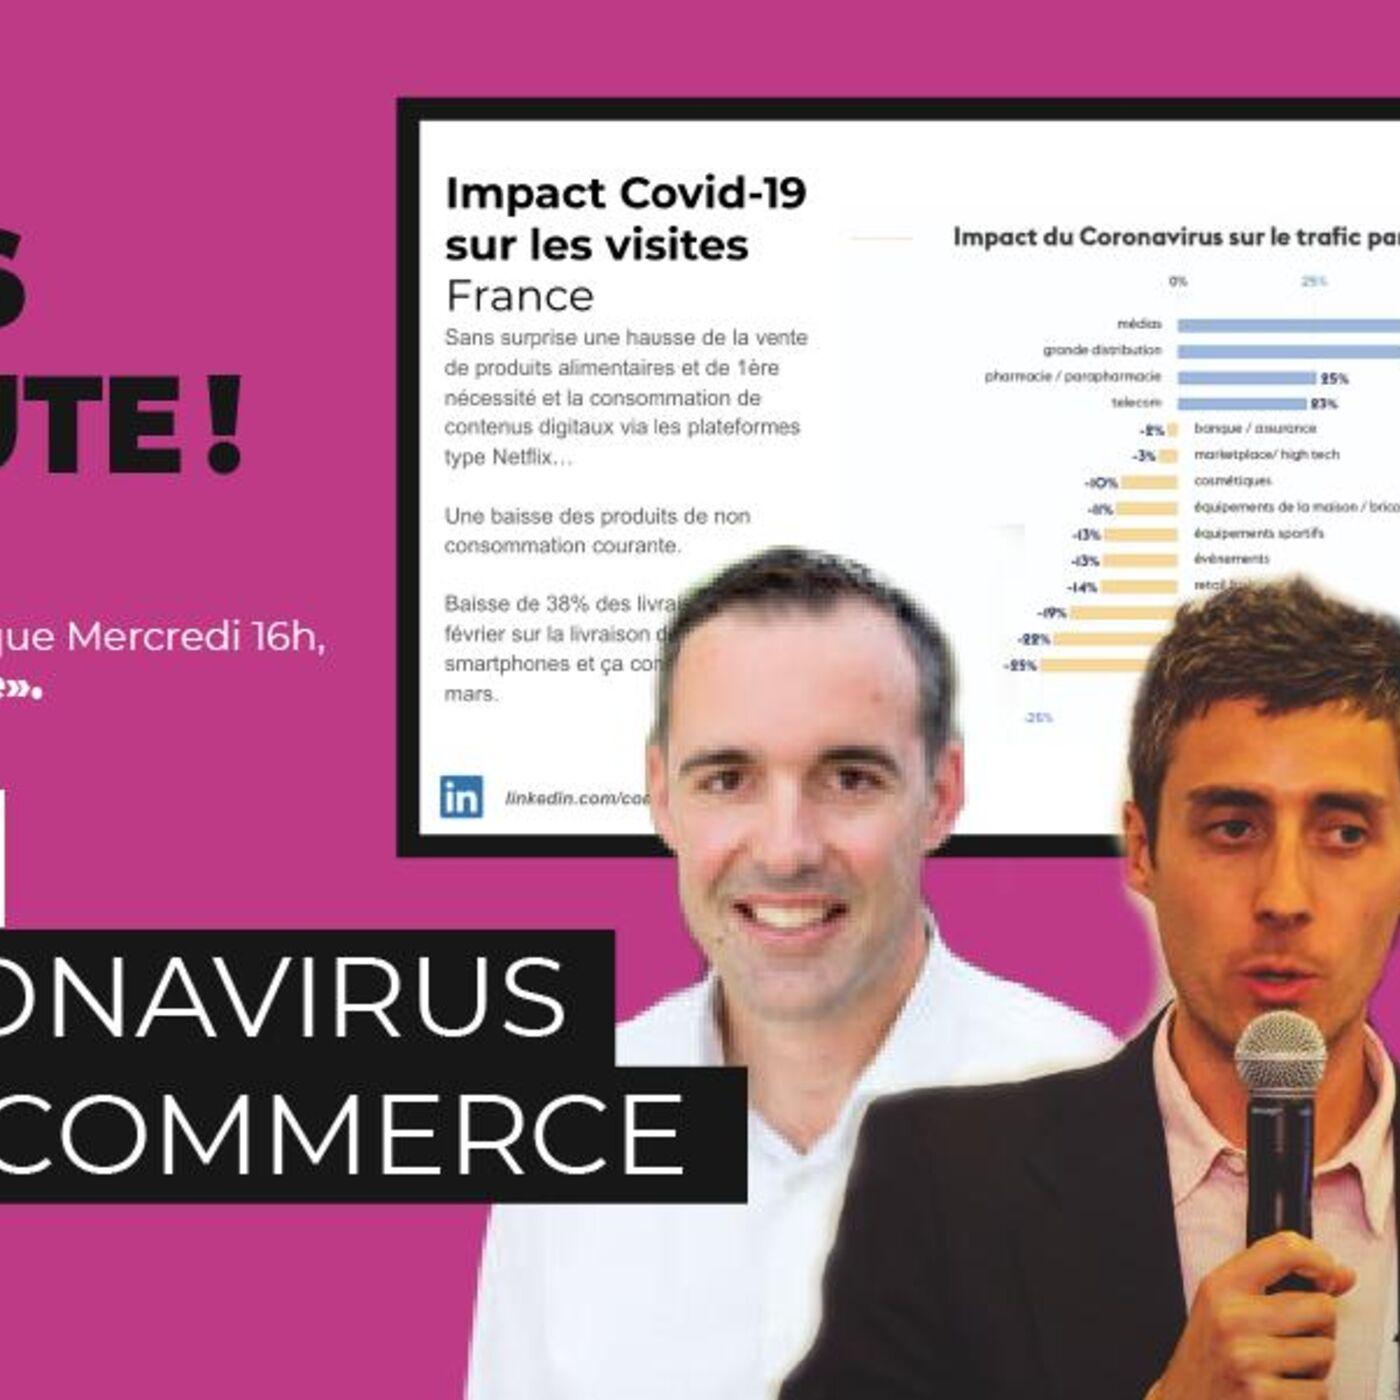 #14 Live 1 pour aider les e-commerçants à surmonter la crise du COVID19